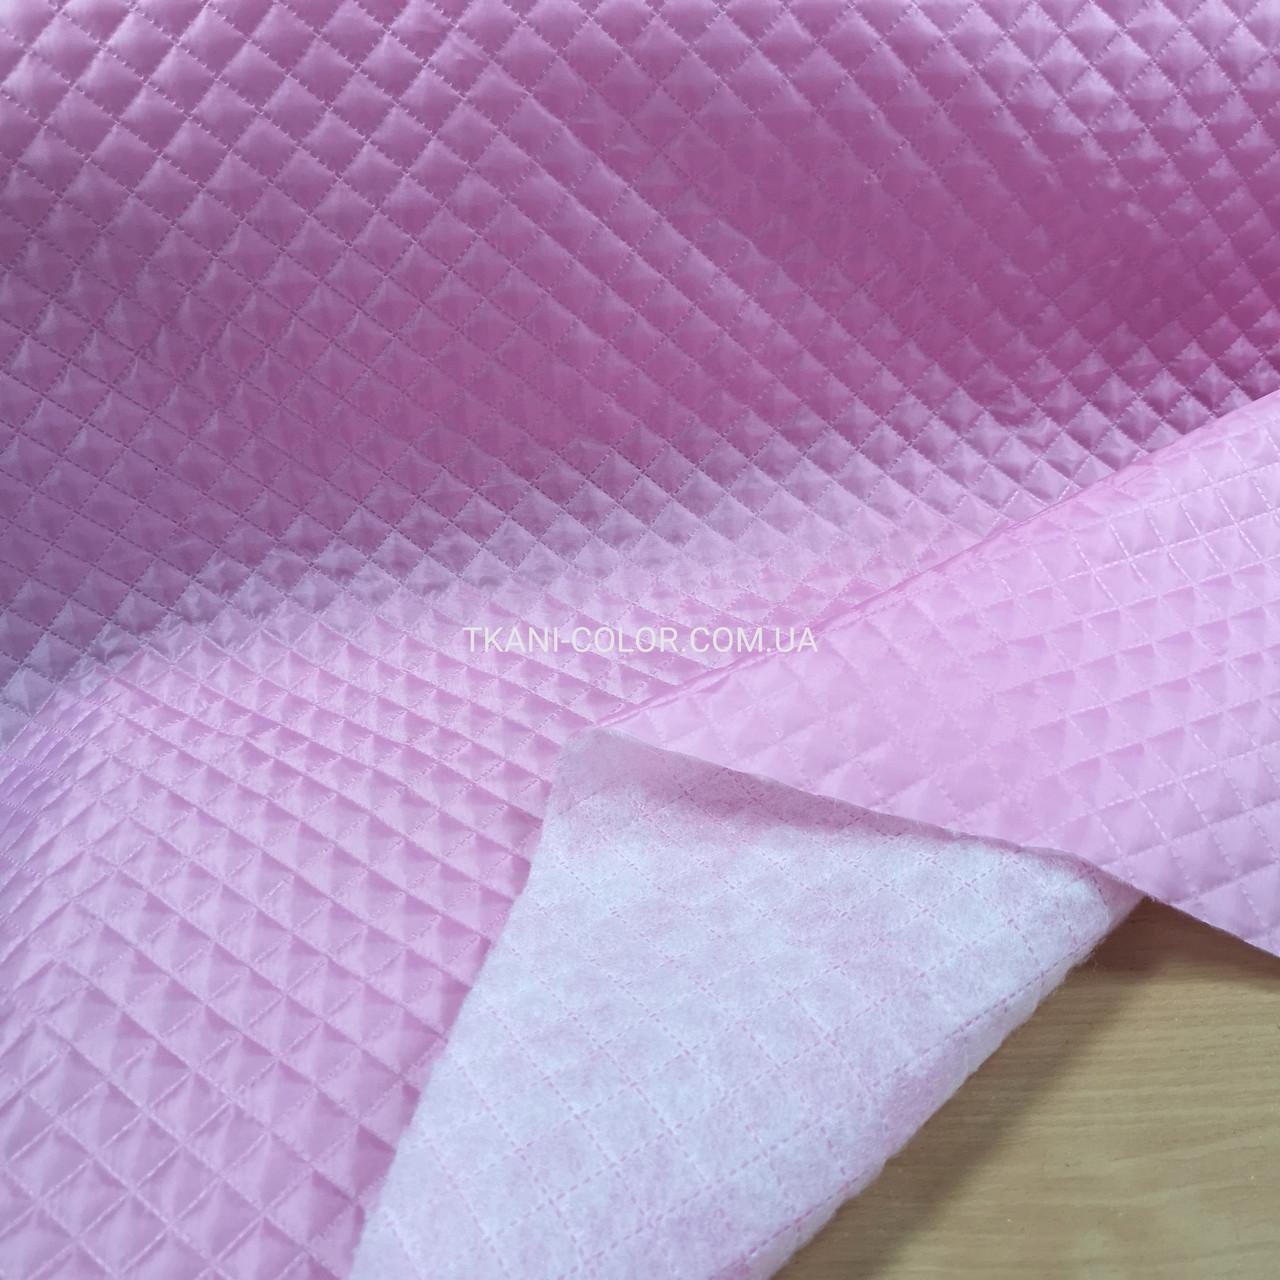 Подкладка стеганная на синтапоне, паянка розовая